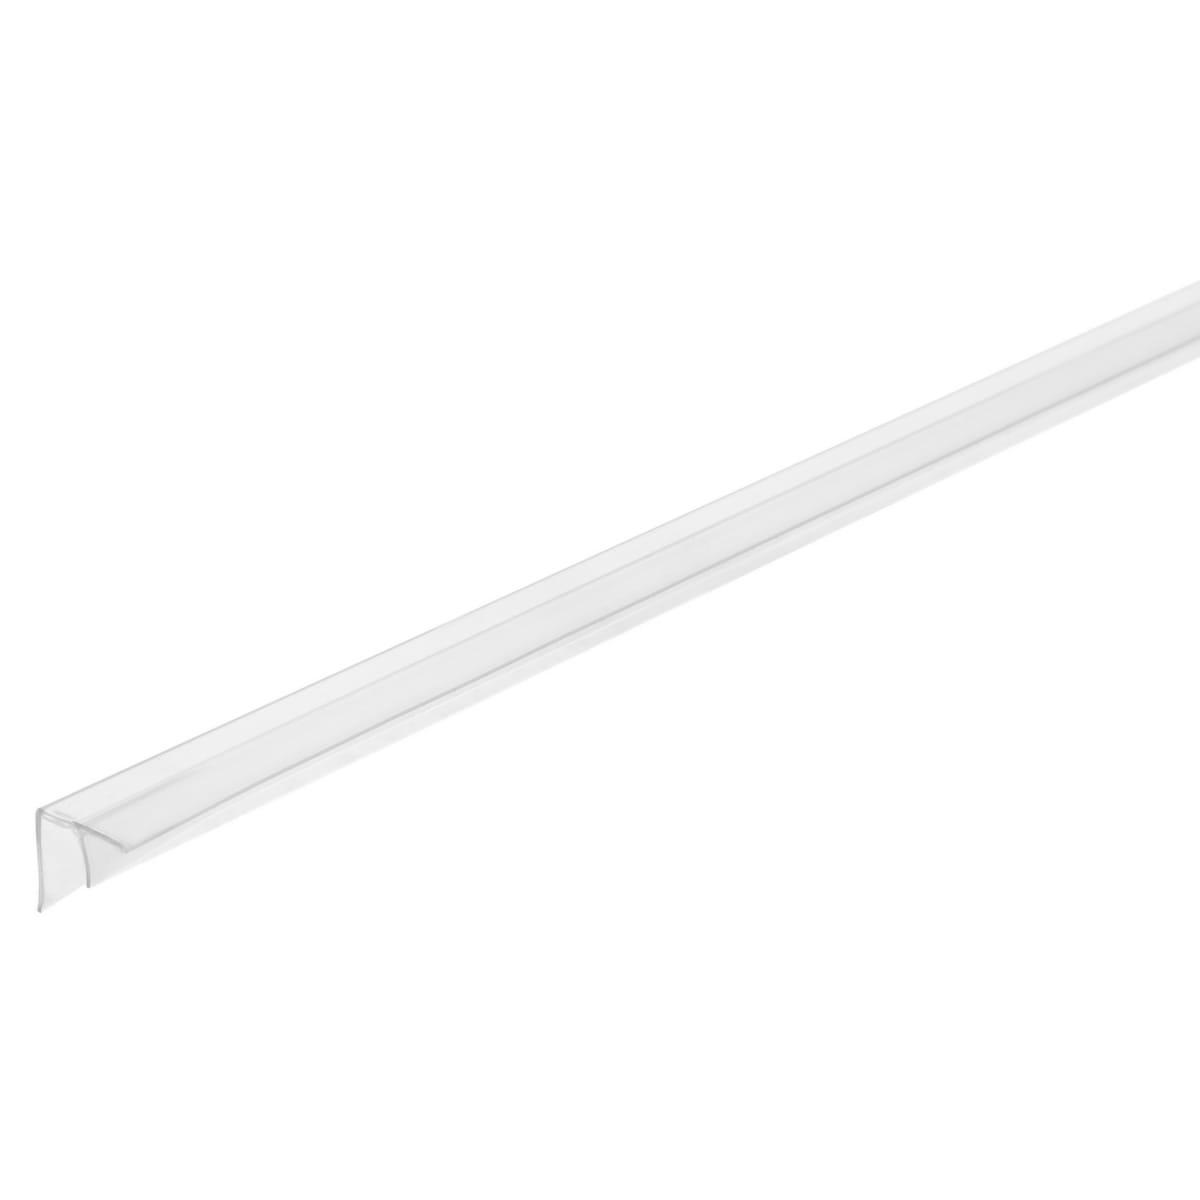 Профиль угловой F-образный для стеновой панели, 60х0.4 см, пластик